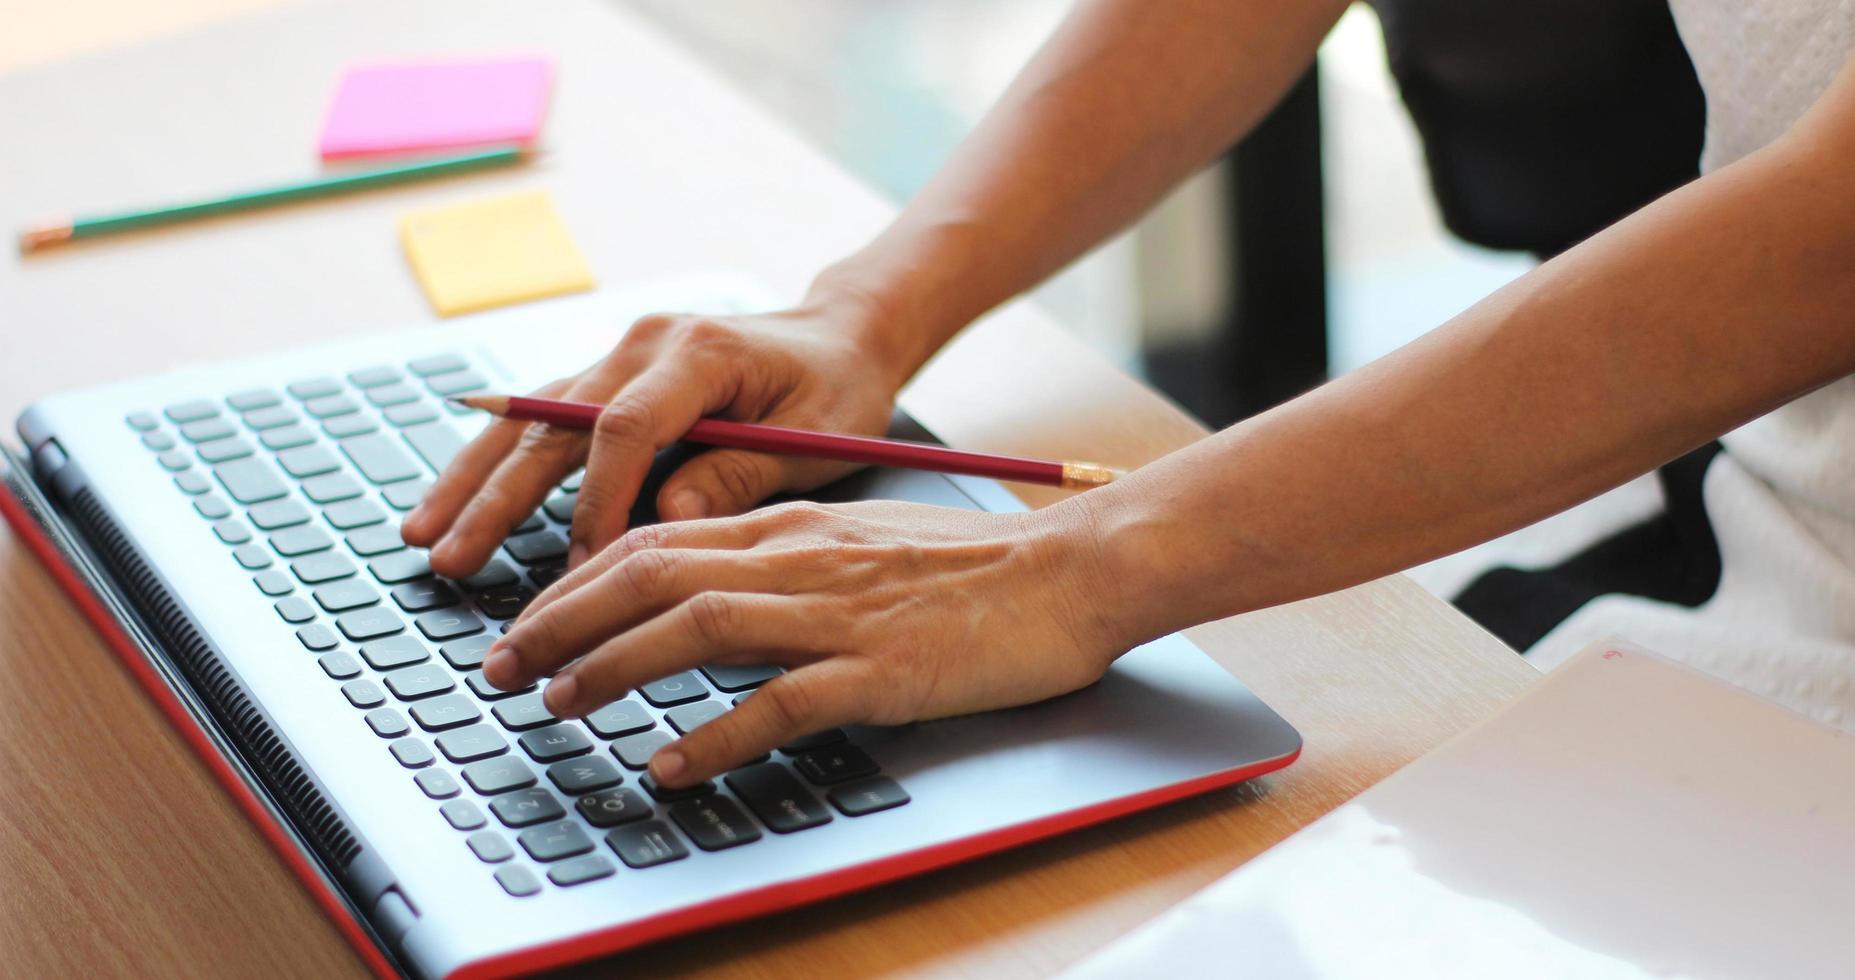 pessoa digitando em um computador Foto de banco de imagens